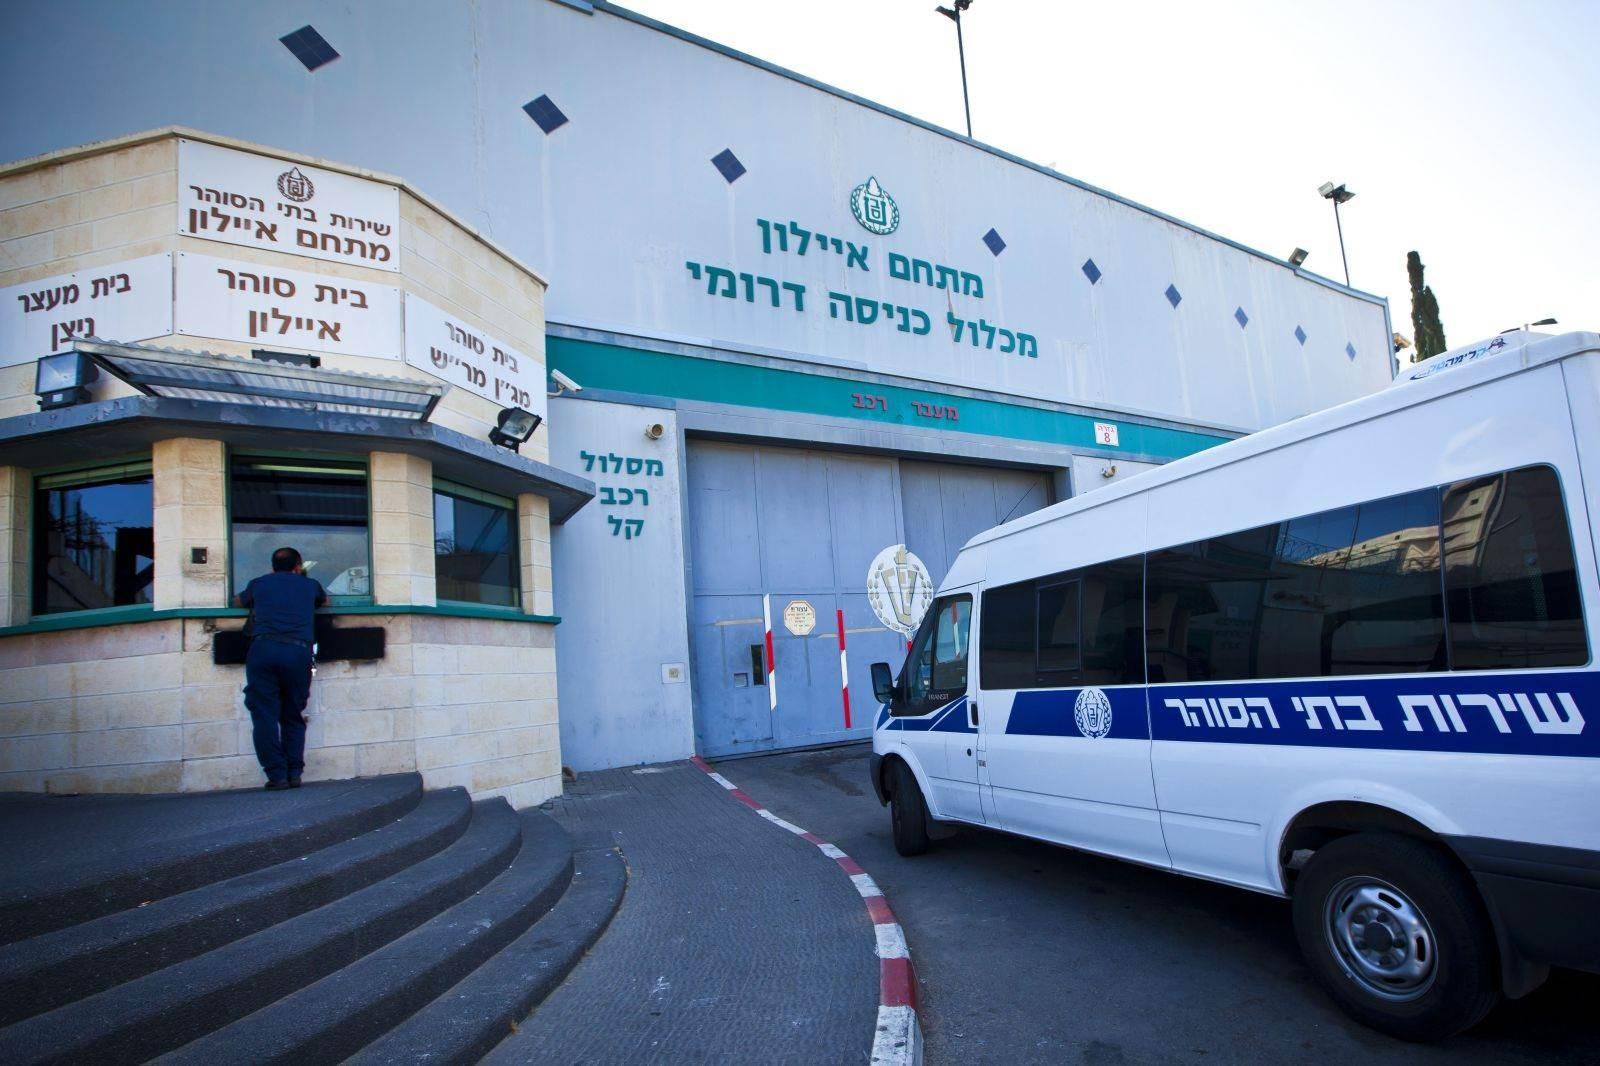 هيئة الأسرى: الأسير فتحي النجار يدخل عامه التاسع عشر في سجون الاحتلال